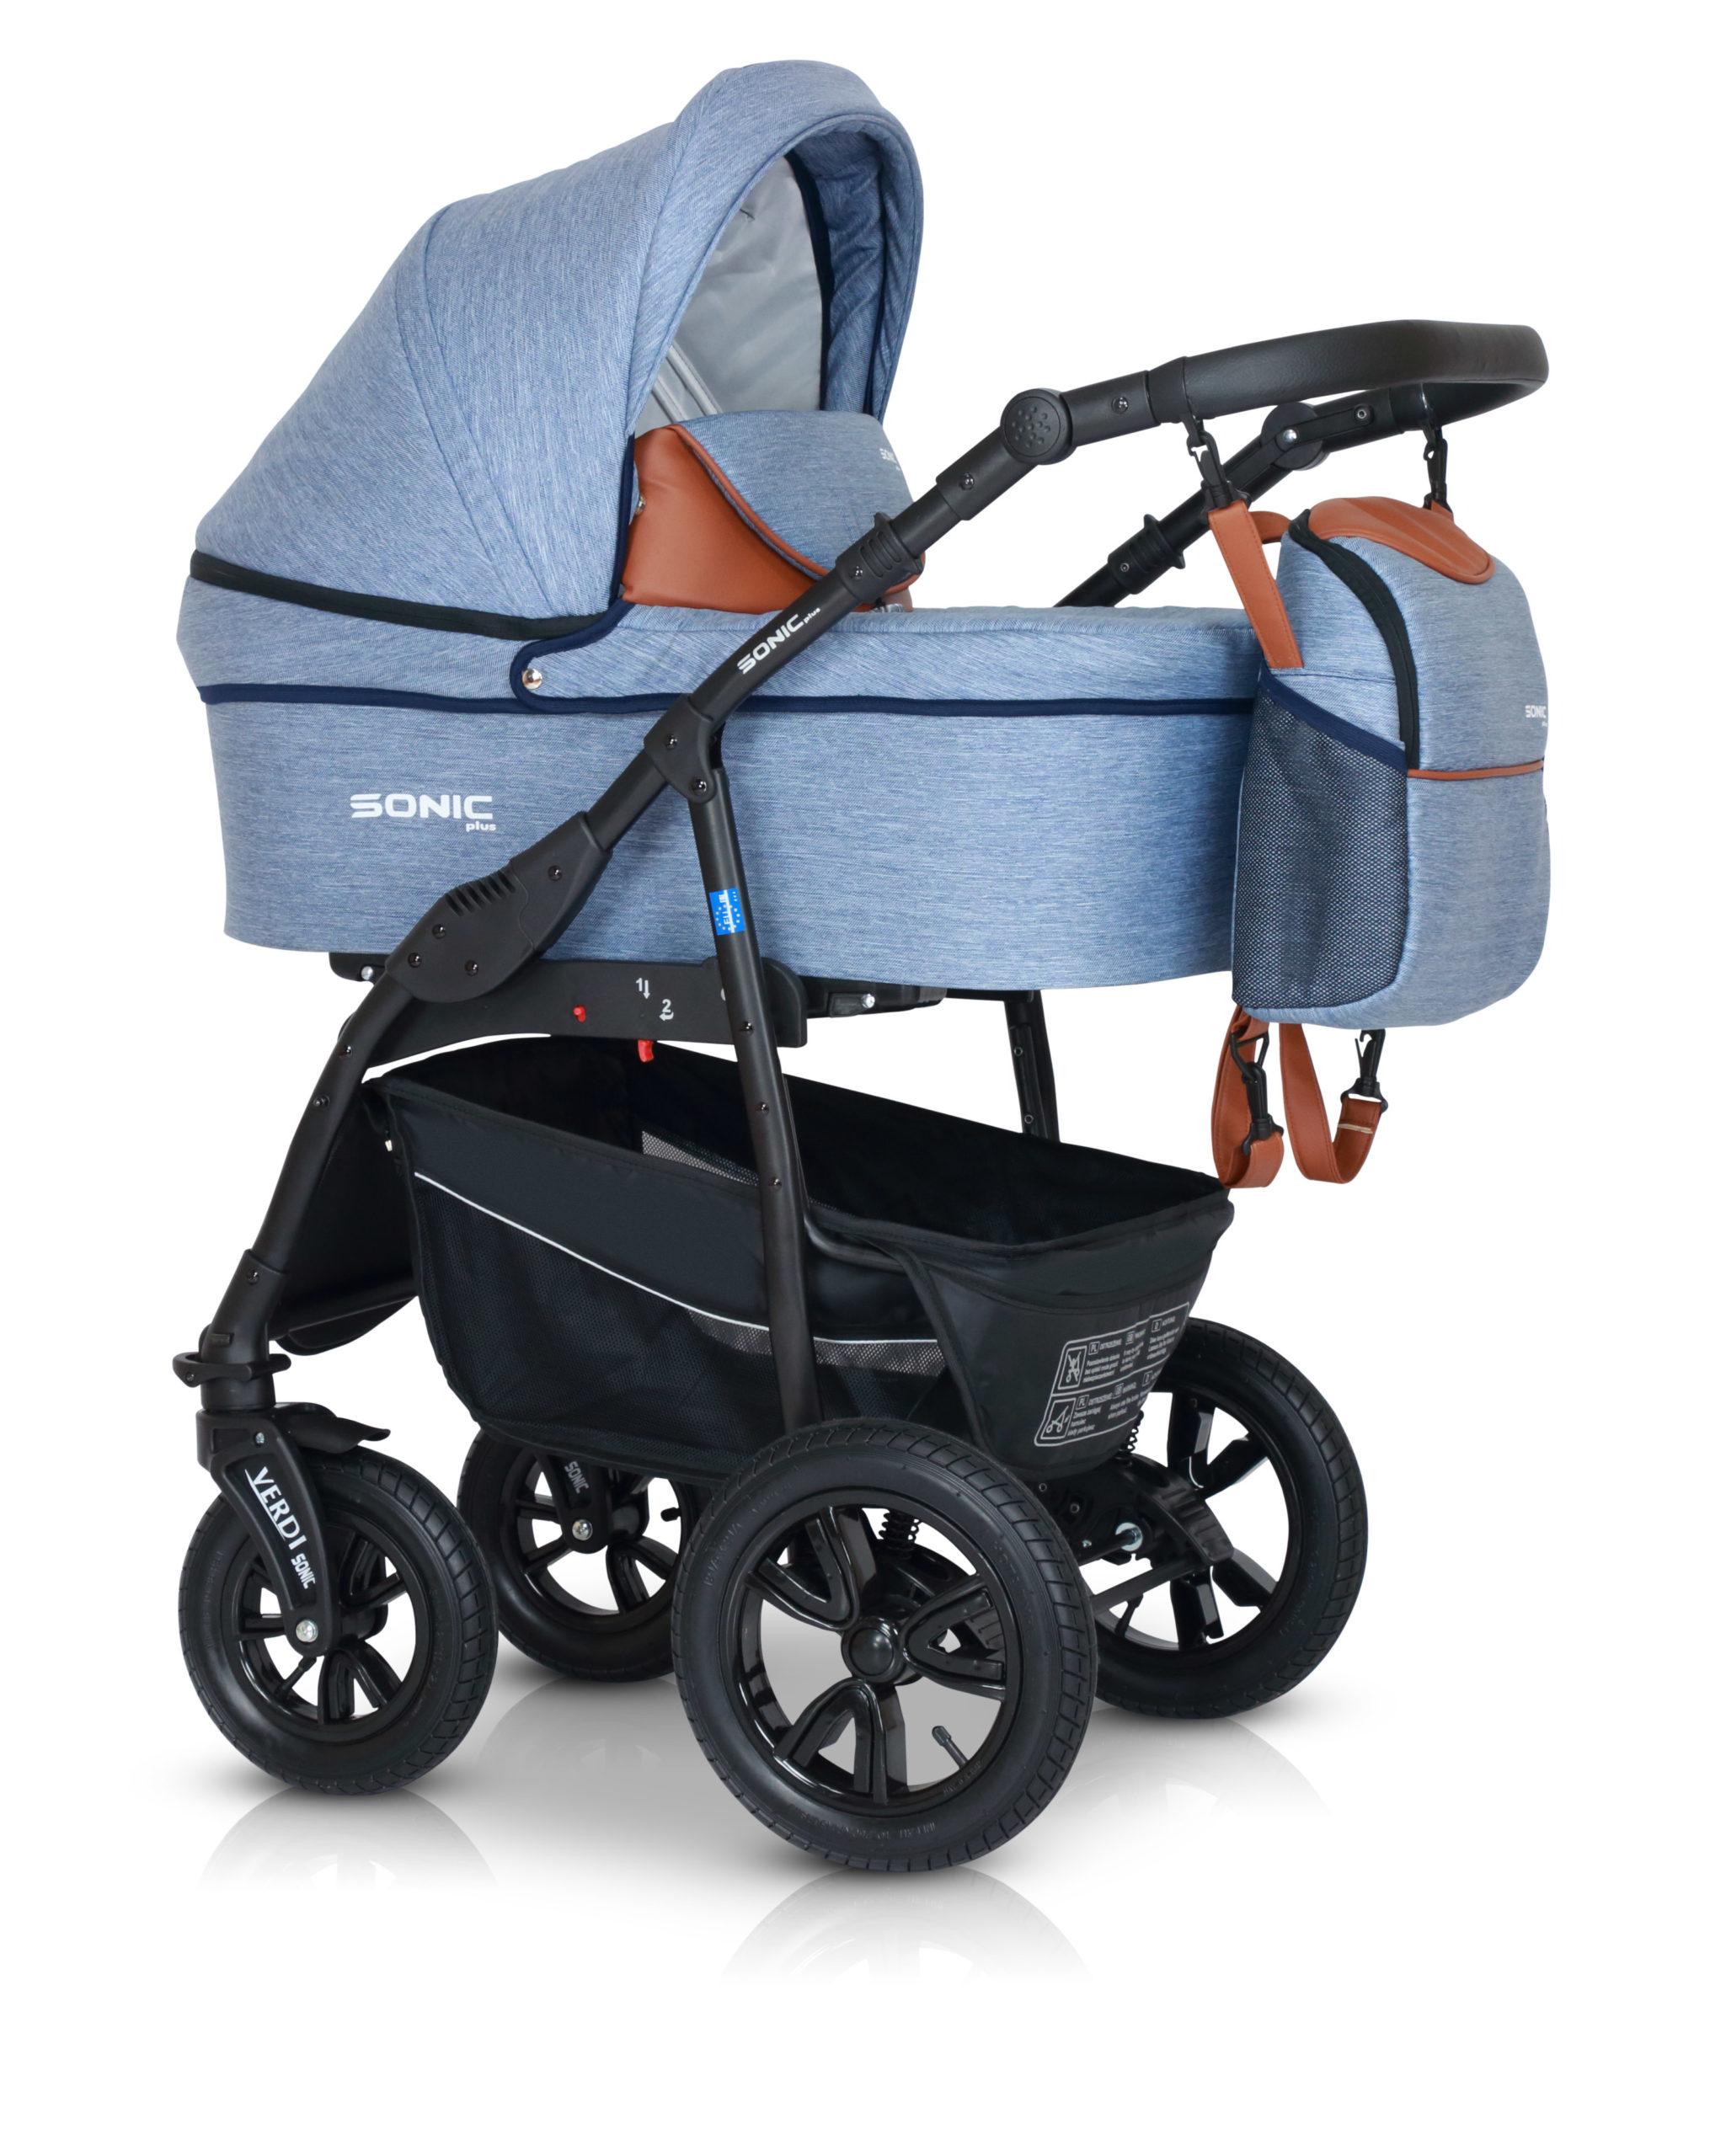 Детская коляска Verdi Sonic Plus 3 в 1 (Голубой)